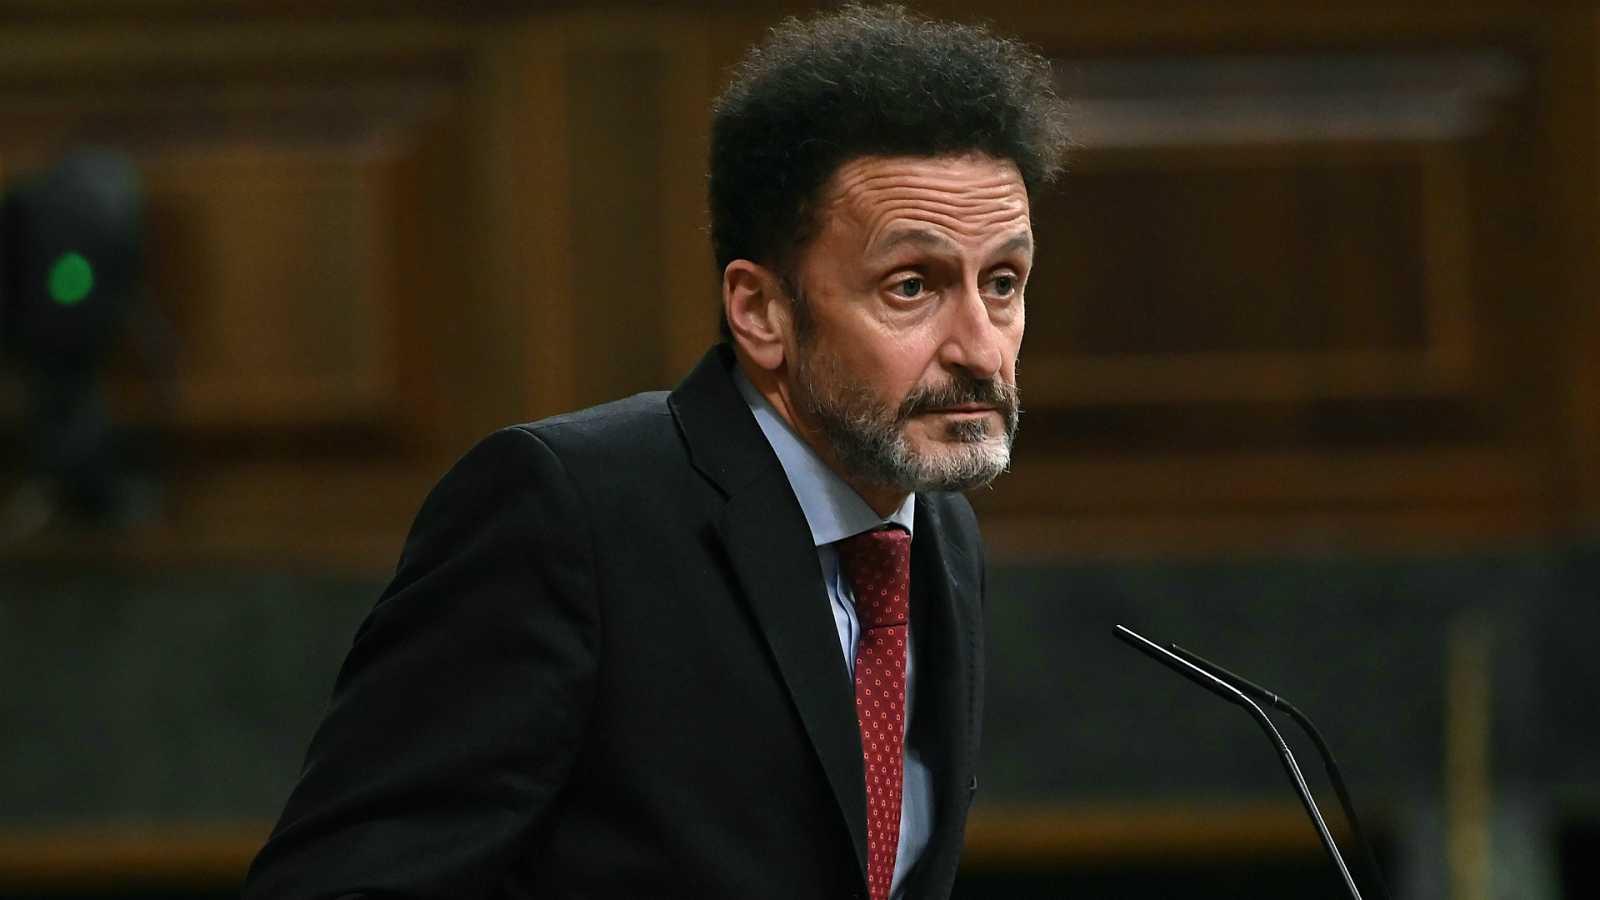 """Parlamento - Radio 5 - Bal critica """"la arrogancia"""" del Gobierno con los PGE, pero no cierra la puerta a futuros pactos: """"Volveremos a hacer lo correcto"""" - Escuchar ahora"""